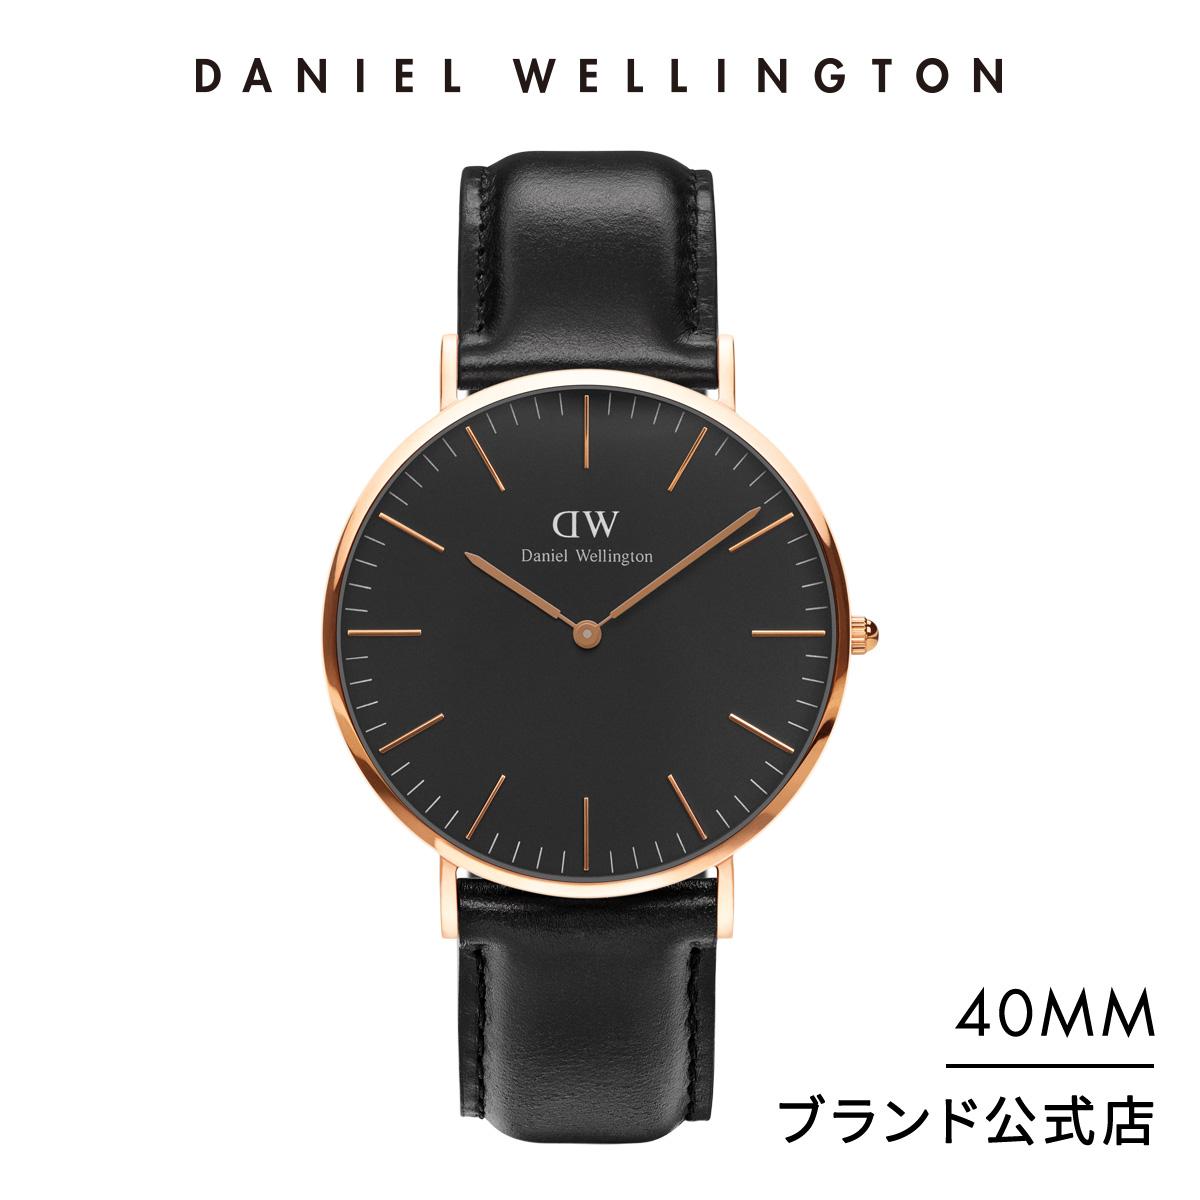 【公式2年保証/送料無料】ダニエルウェリントン公式 メンズ 腕時計 Classic Black Sheffield 40mm 革 ベルト クラシック ブラック シェフィールド DW プレゼント おしゃれ インスタ映え ブランド 彼女 彼氏 ペアスタイルに最適 ウォッチ 母の日